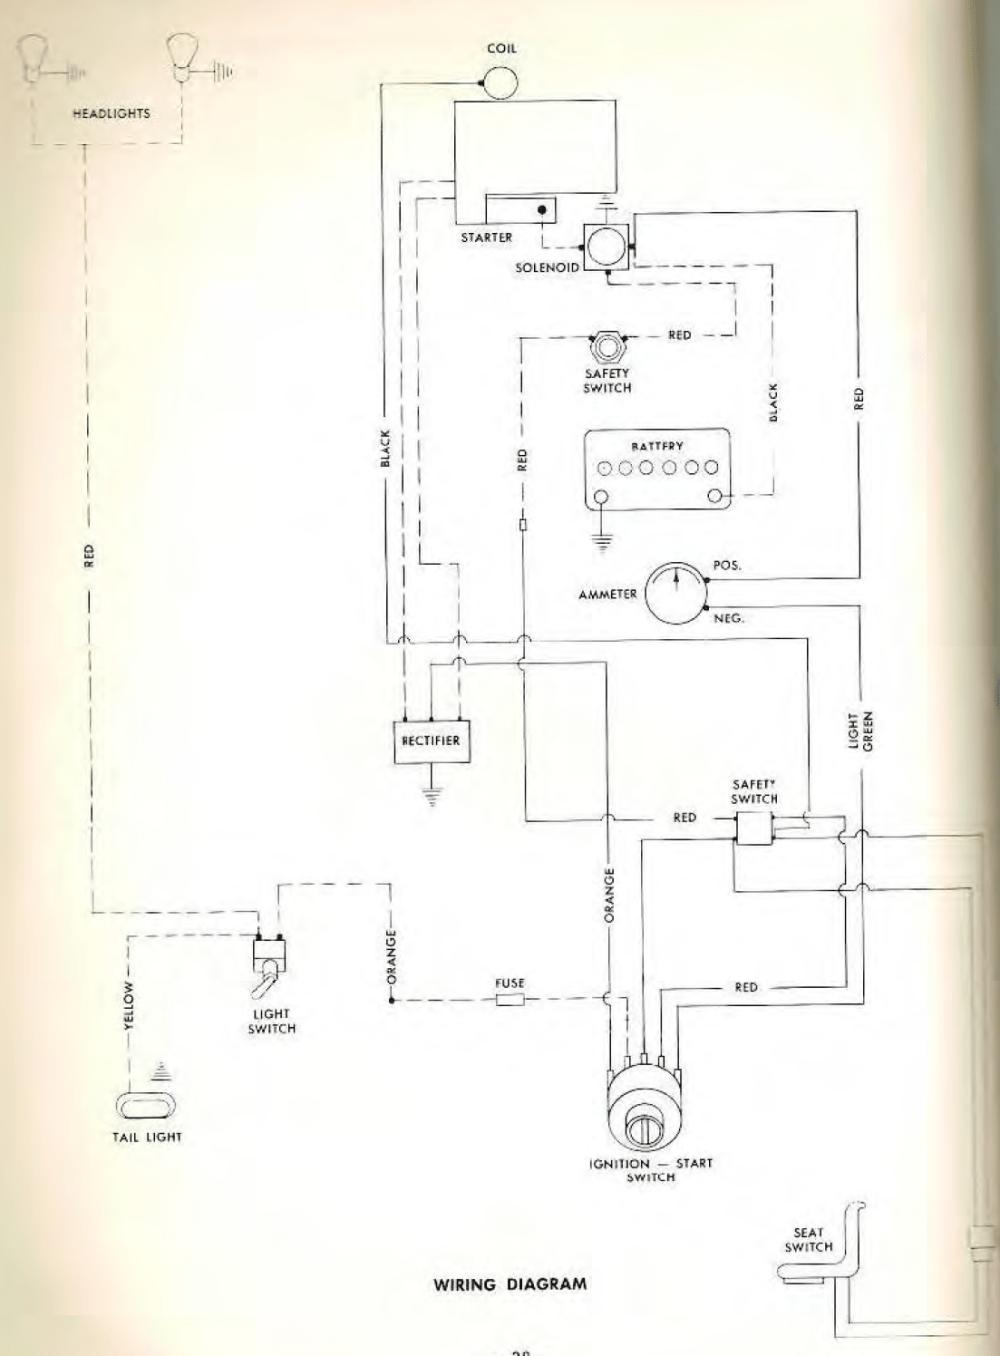 medium resolution of c100 wiring diagram electrical diagrams schematics gy6 50cc wiring diagram c100 wiring diagram